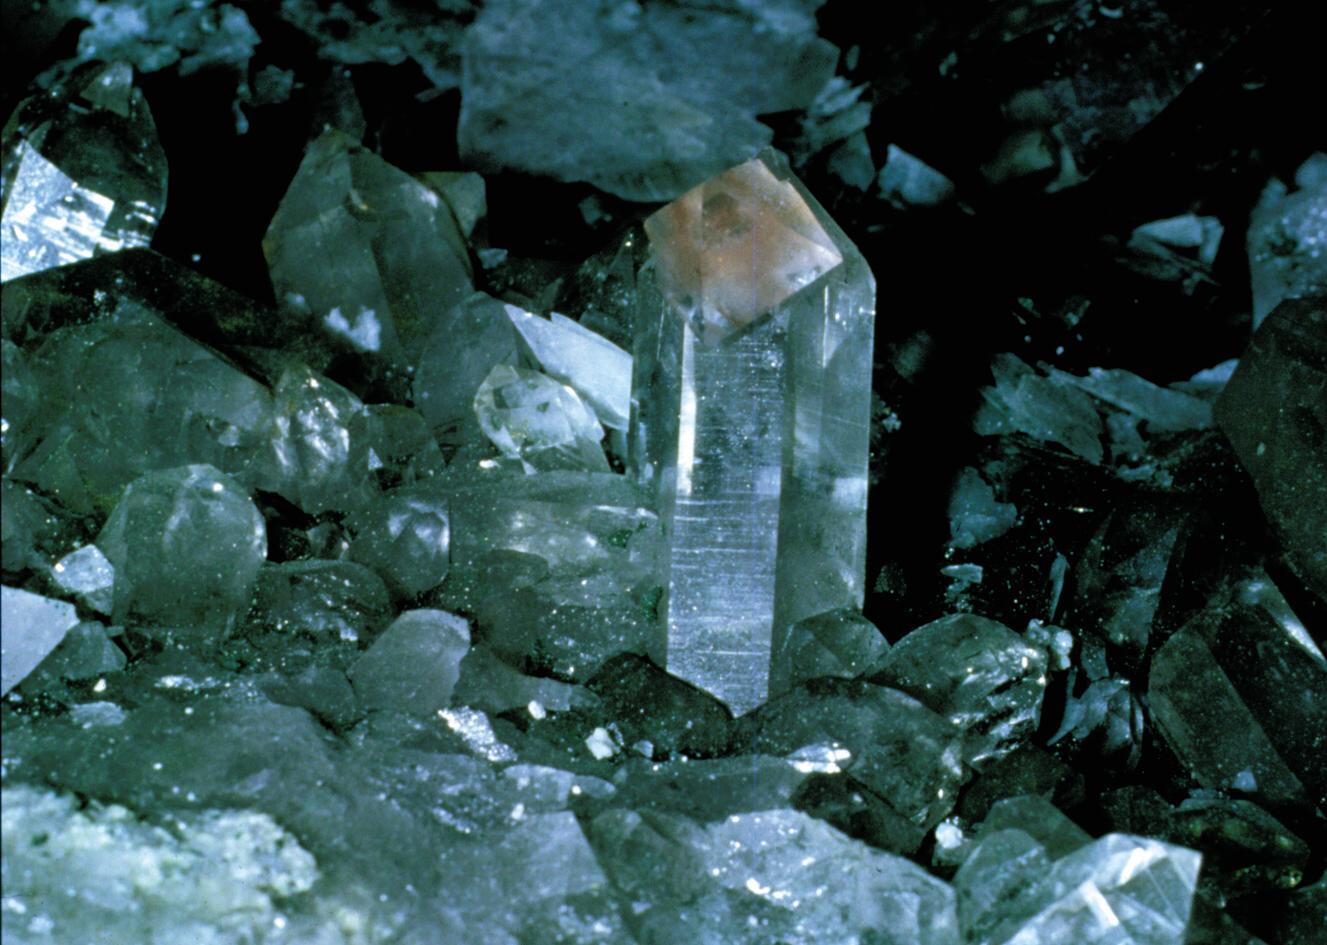 http://3.bp.blogspot.com/_edA0KLCR8q8/TOZ3GCePCnI/AAAAAAAAATs/EC0gYk2G3UY/s1600/crystal-cave-grimsel.jpg